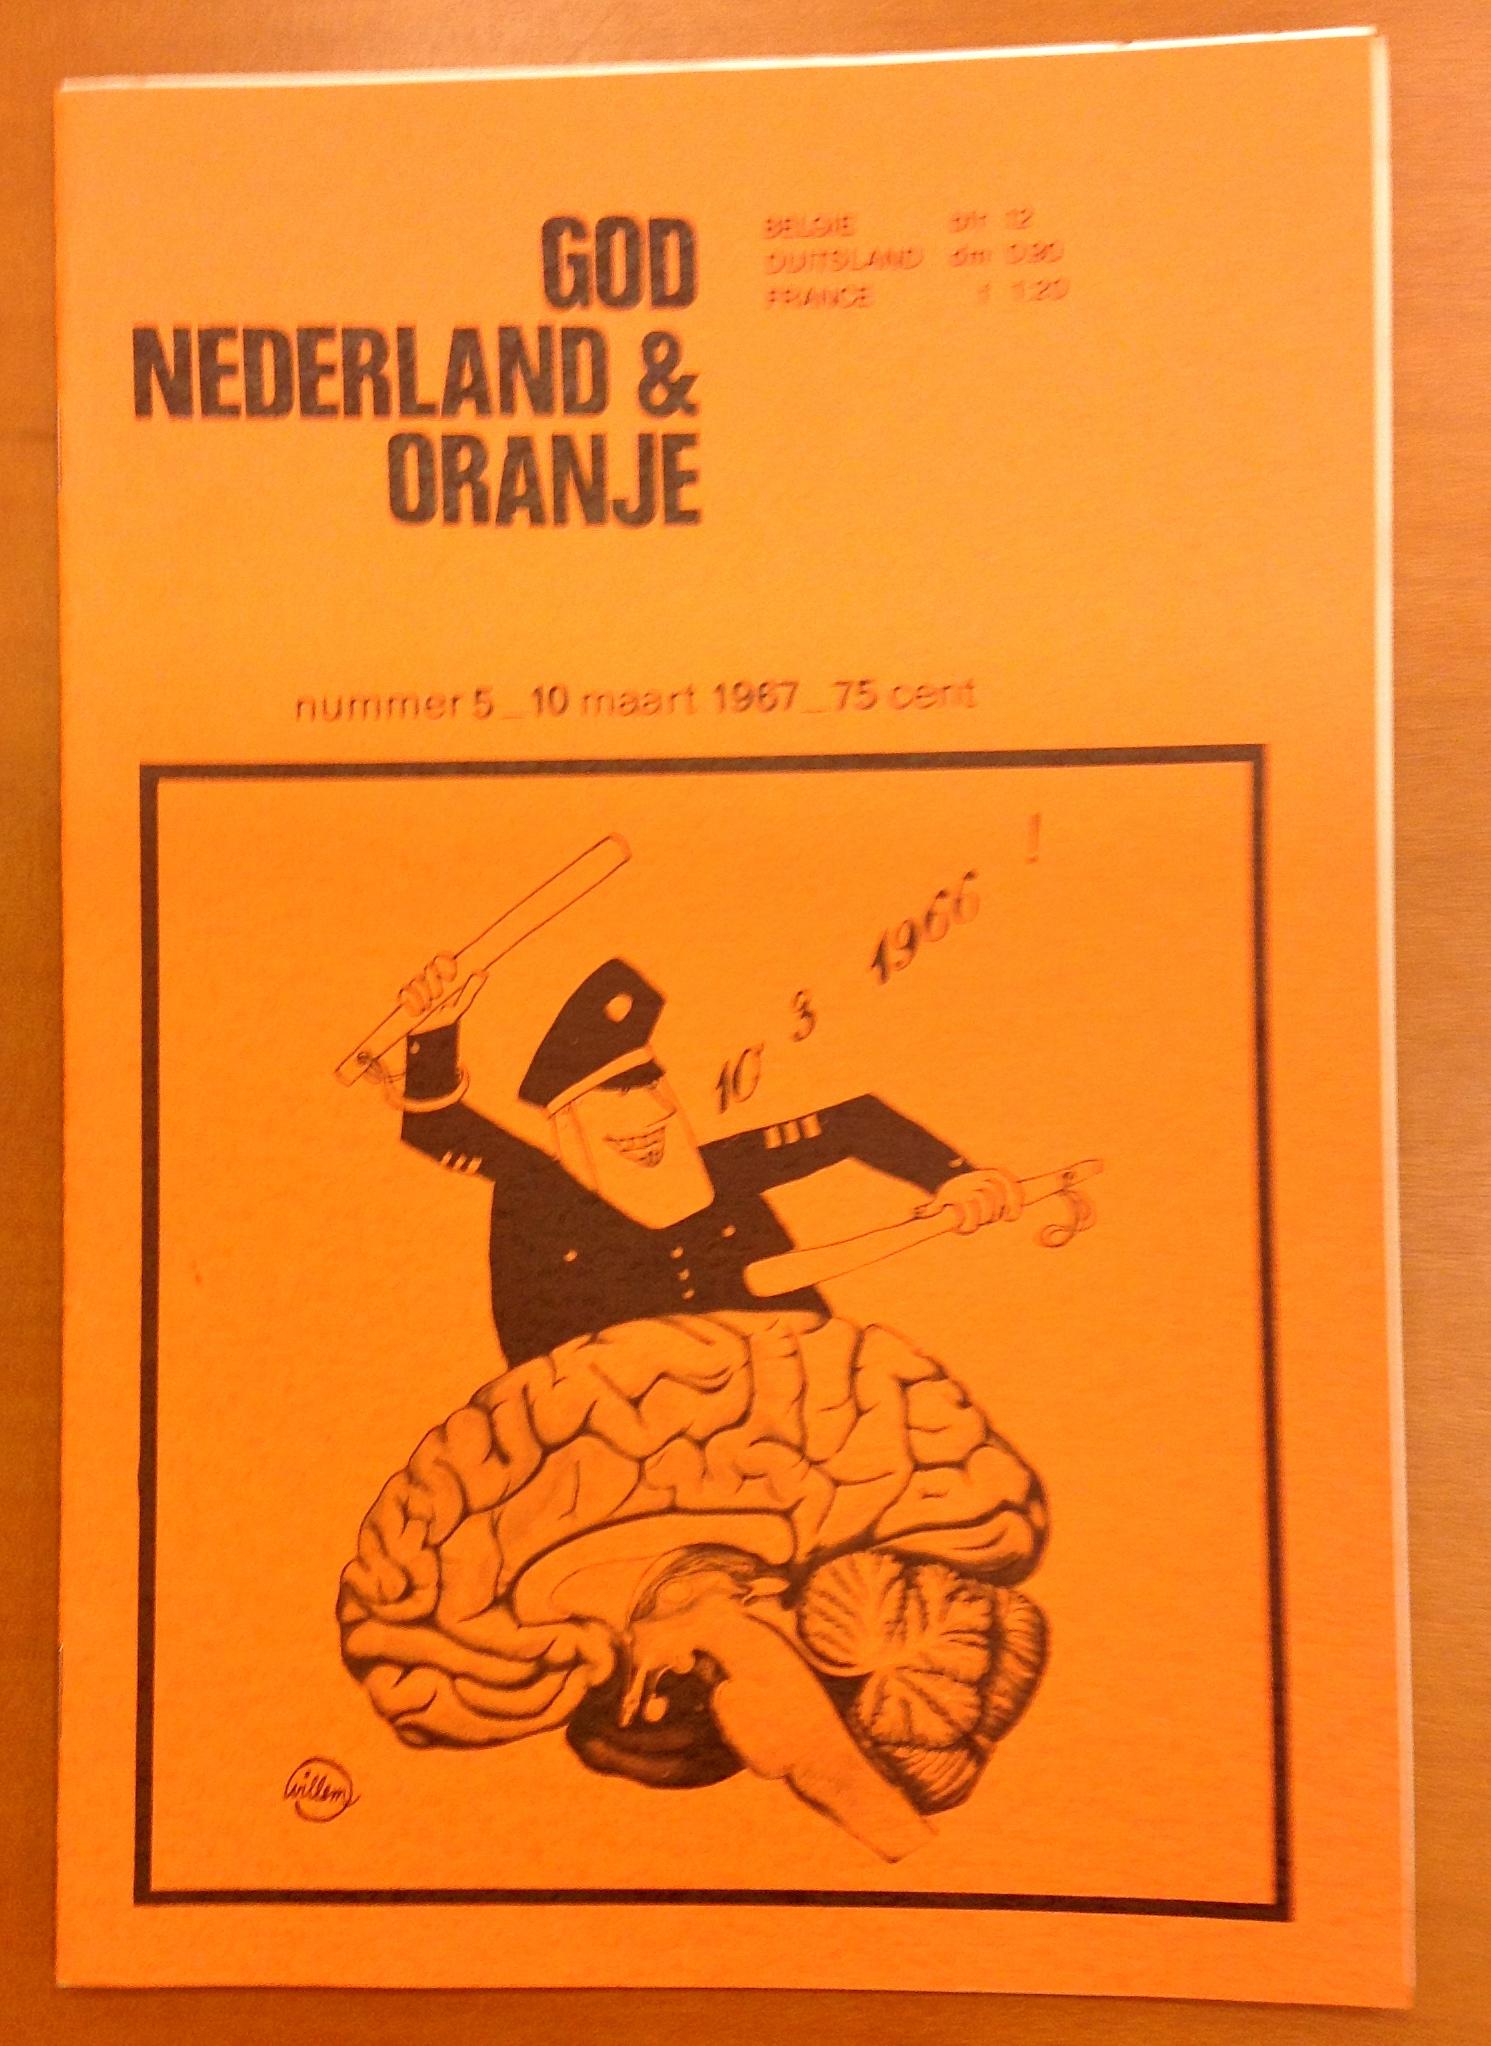 God, Nederland & Oranje 5